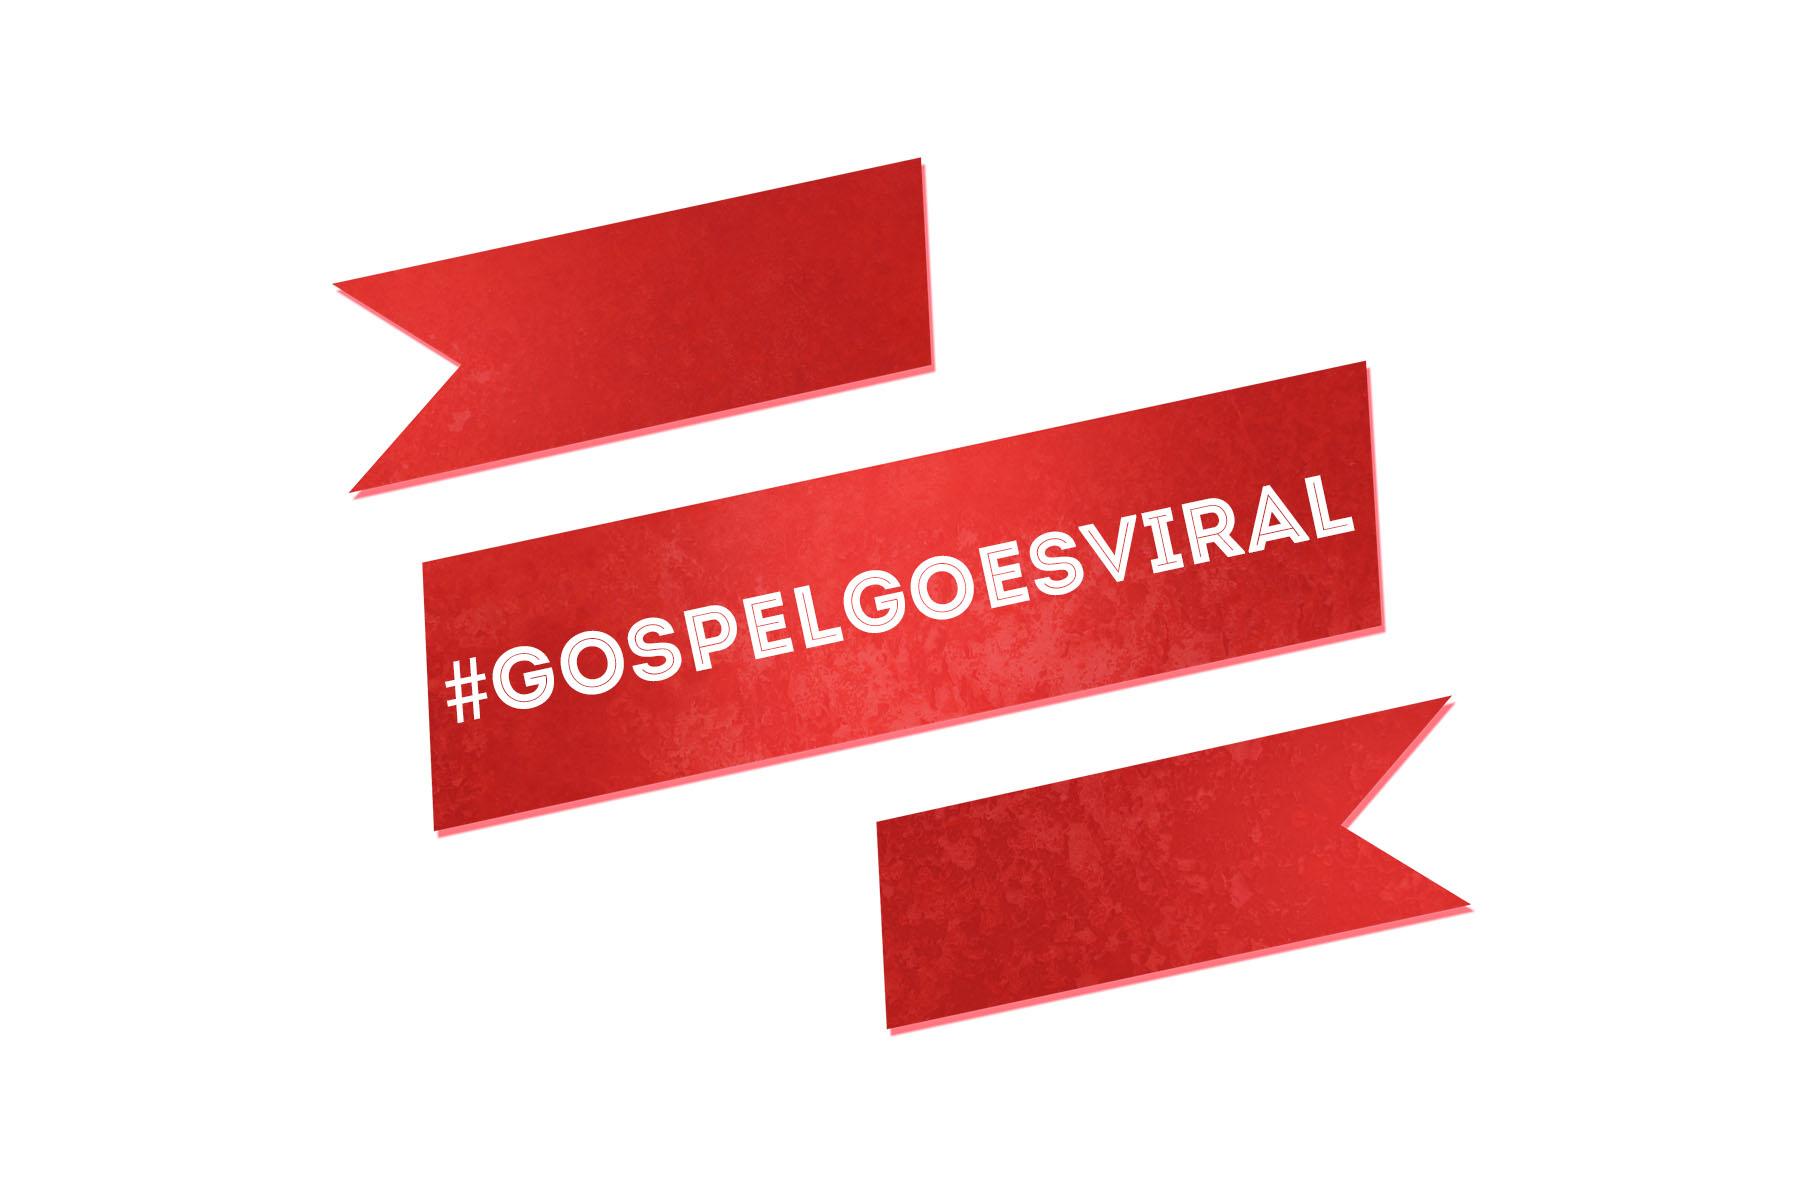 Gospel-Goes-Viral2.jpg